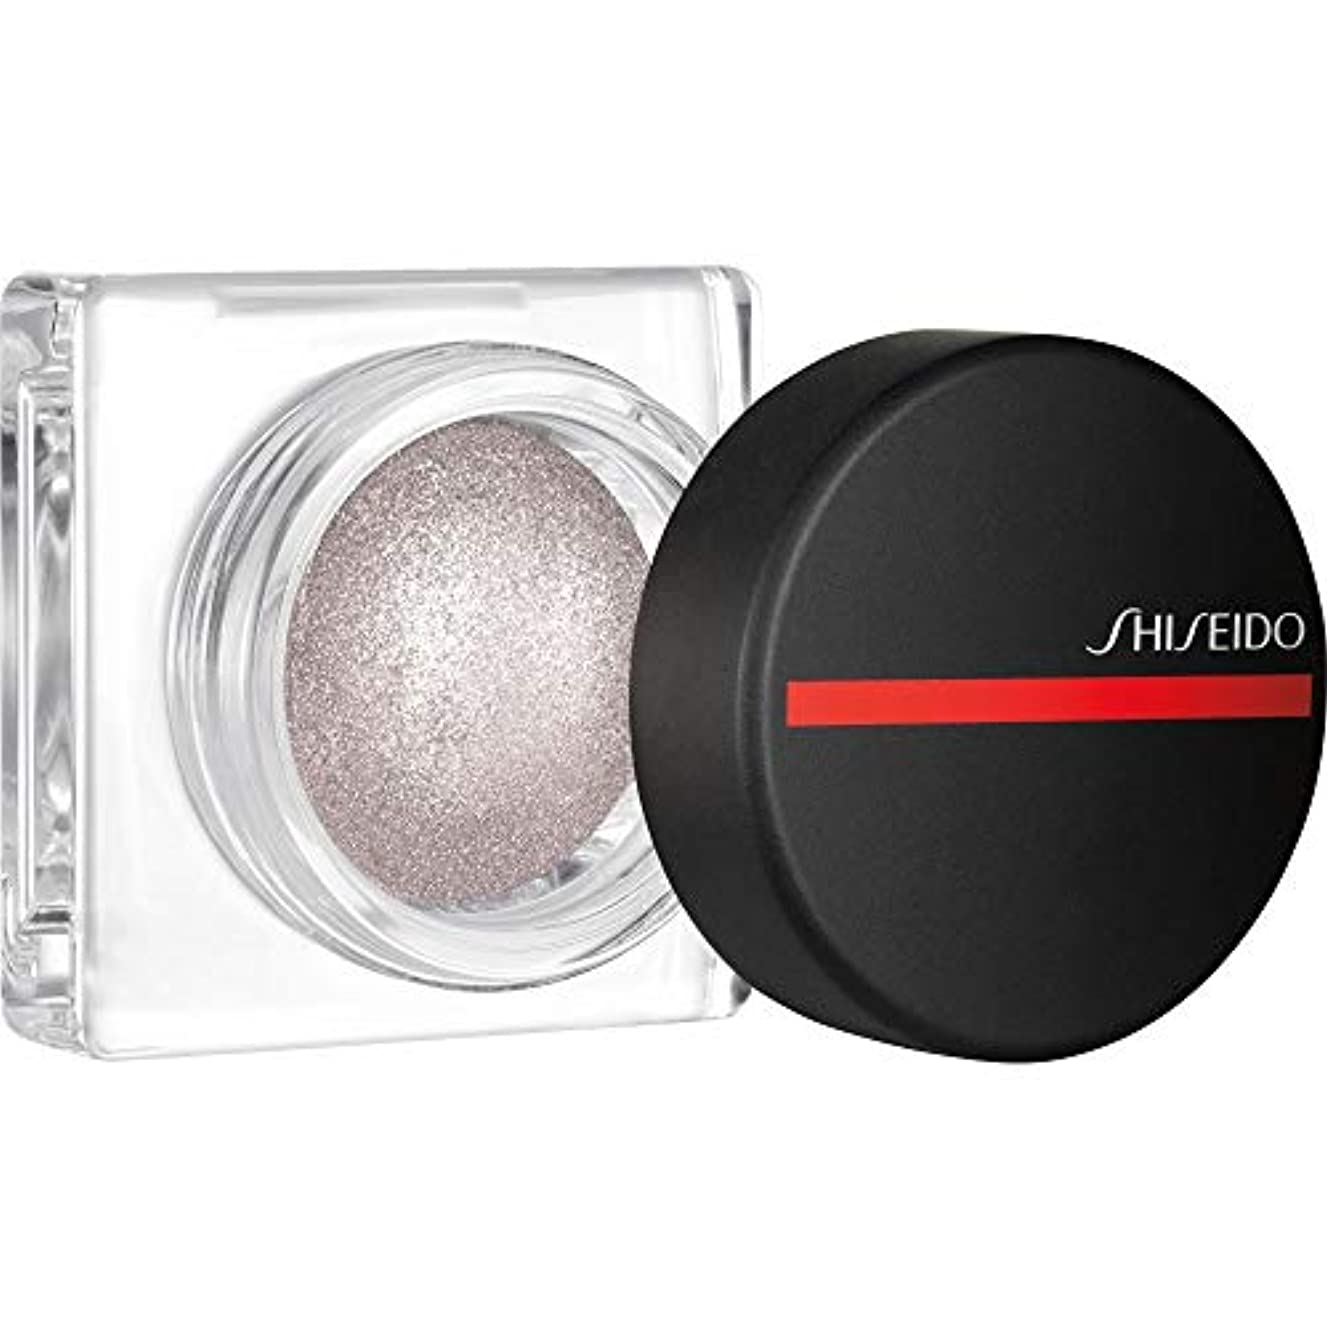 昇進カプセル業界[Shiseido] 資生堂のオーラ露の4.8グラム01 - 月面 - Shiseido Aura Dew 4.8g 01 - Lunar [並行輸入品]